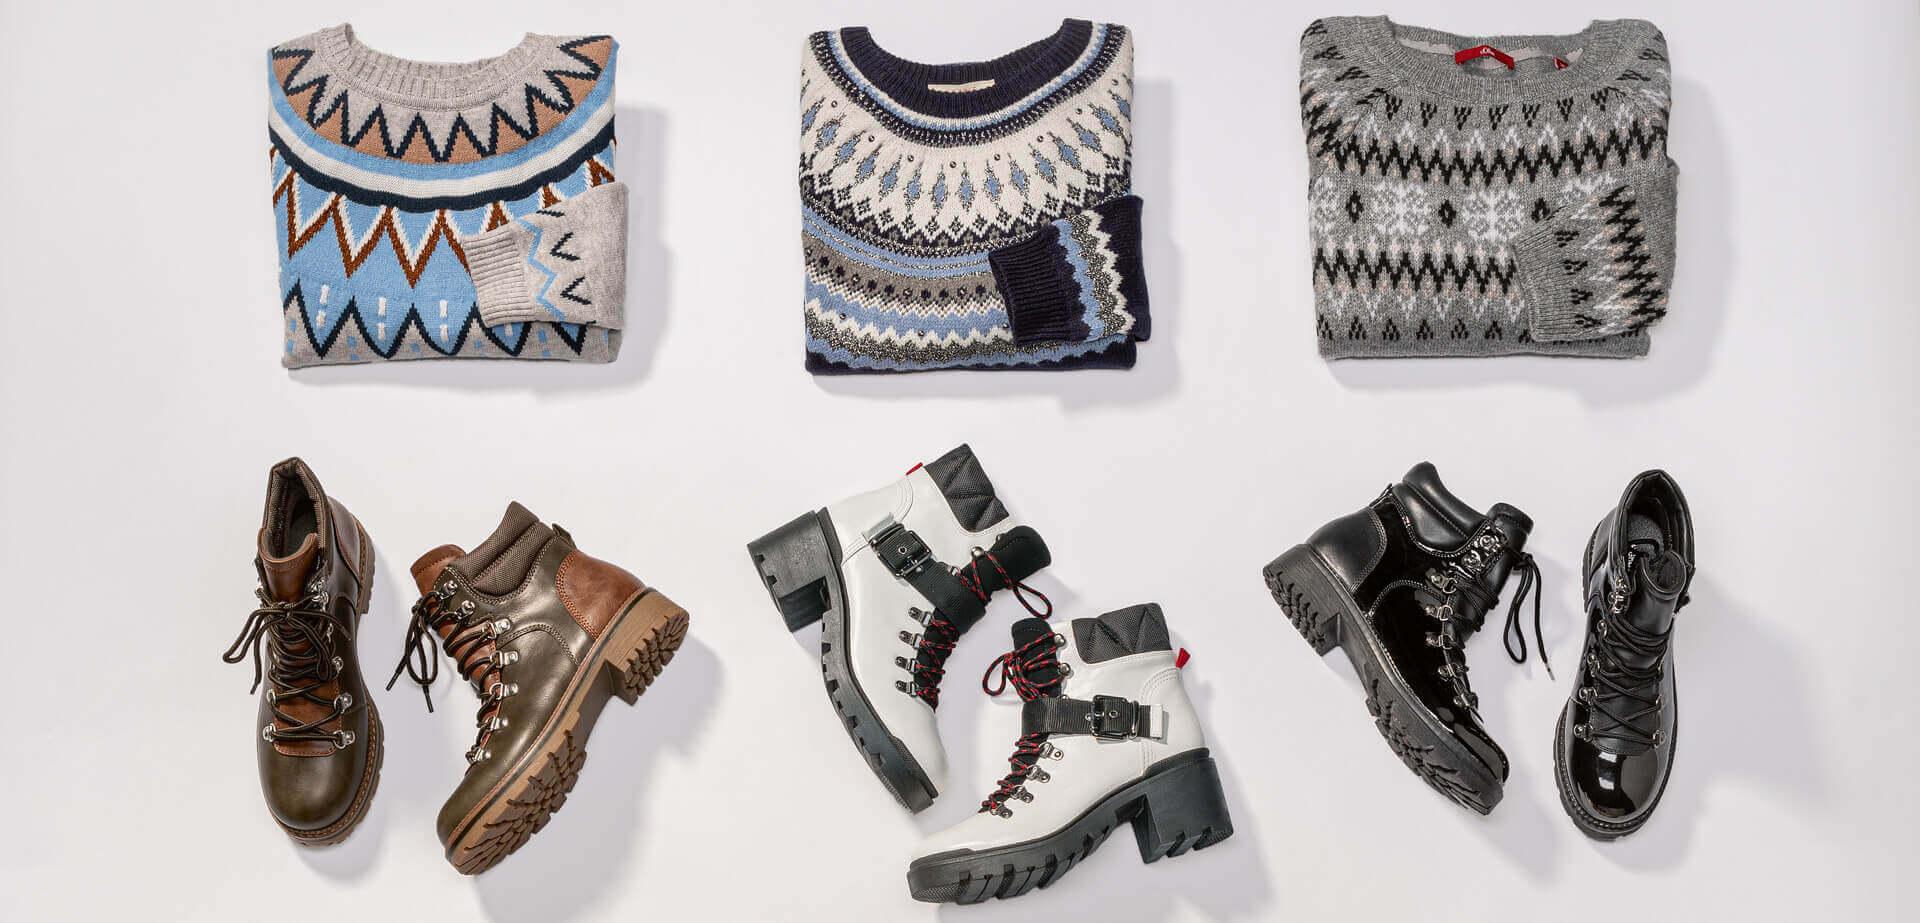 stivali invernali Deichmann © Harry Vorsteher (Styling: Petra Tielmann)